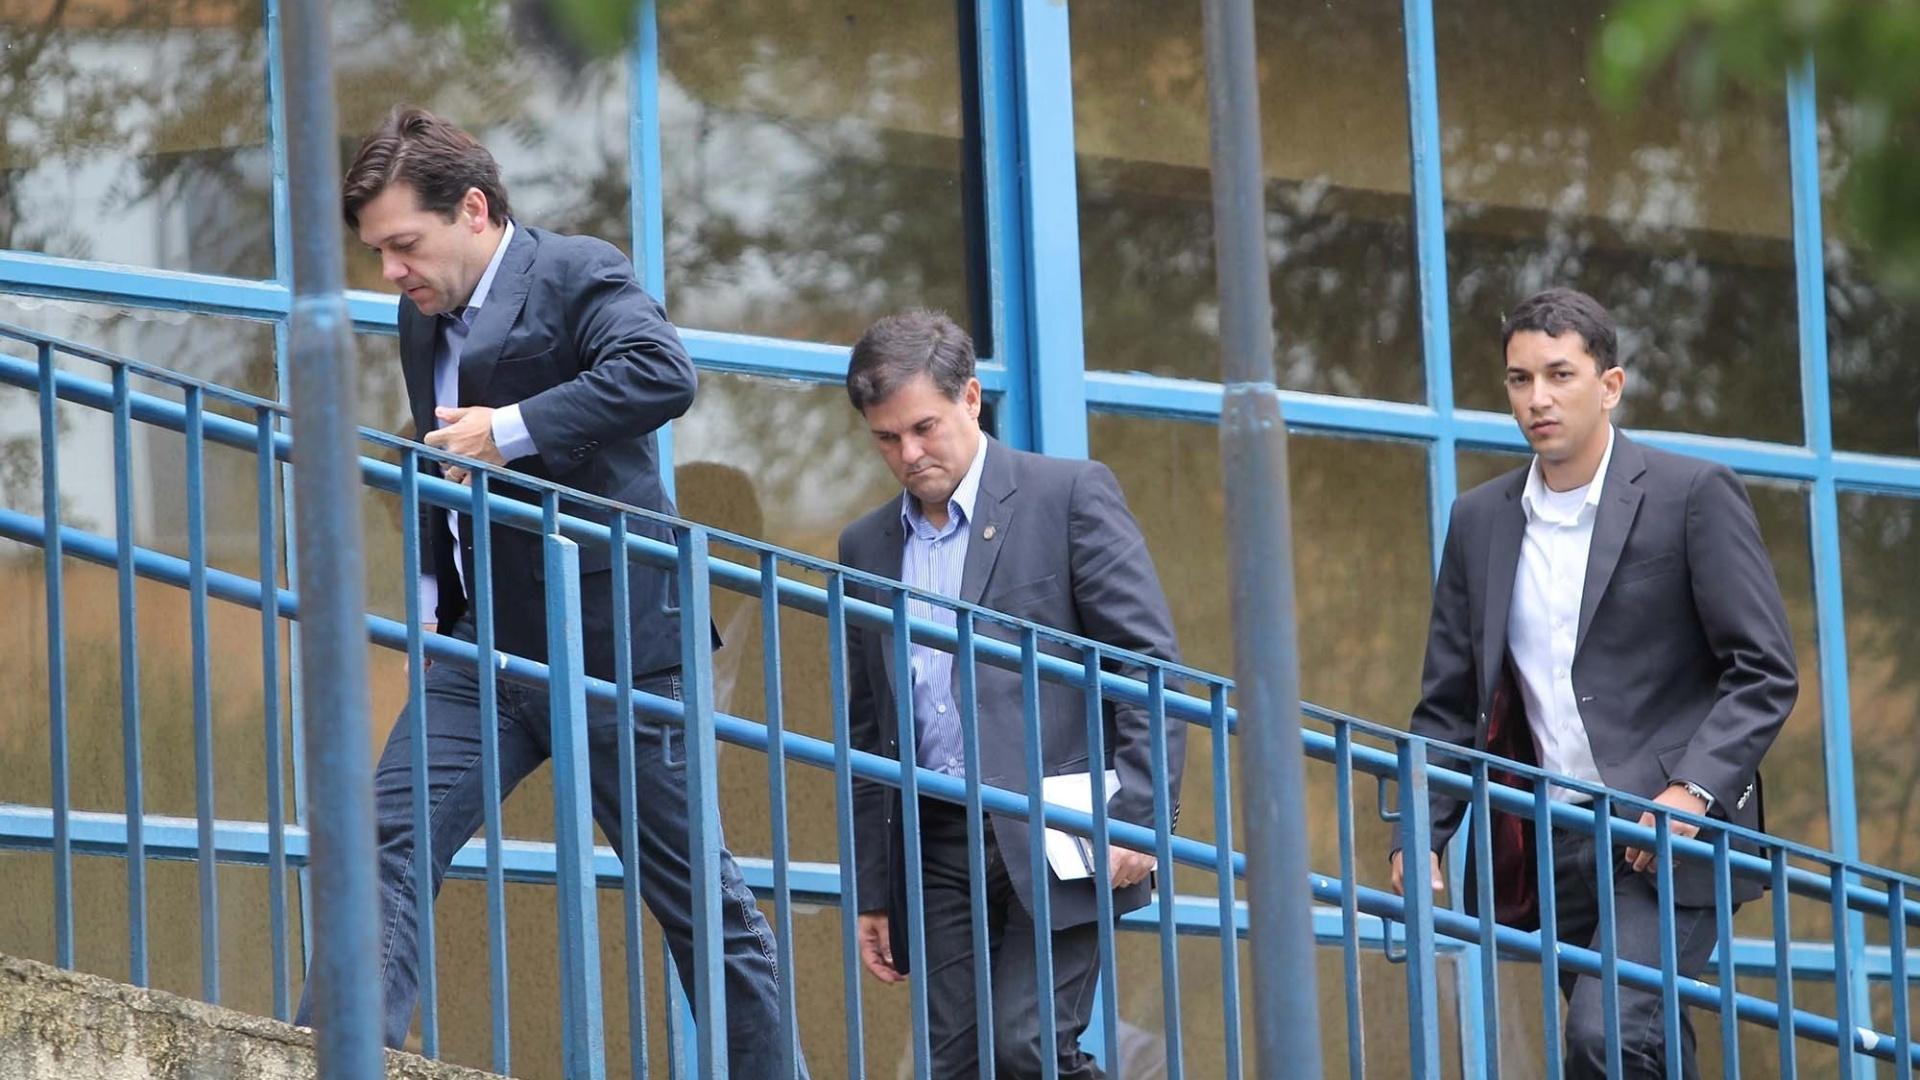 16.ago.2014 - O prefeito de Recife, Geraldo Júlio, chega ao IML (Instituto Médico Legal) de São Paulo (SP) acompanhado por assessores neste sábado (16). No local estão os restos mortais das sete vítimas do acidente aéreo ocorrido em Santos (SP), entre eles os do candidato do PSB à Presidência da República, Eduardo Campos